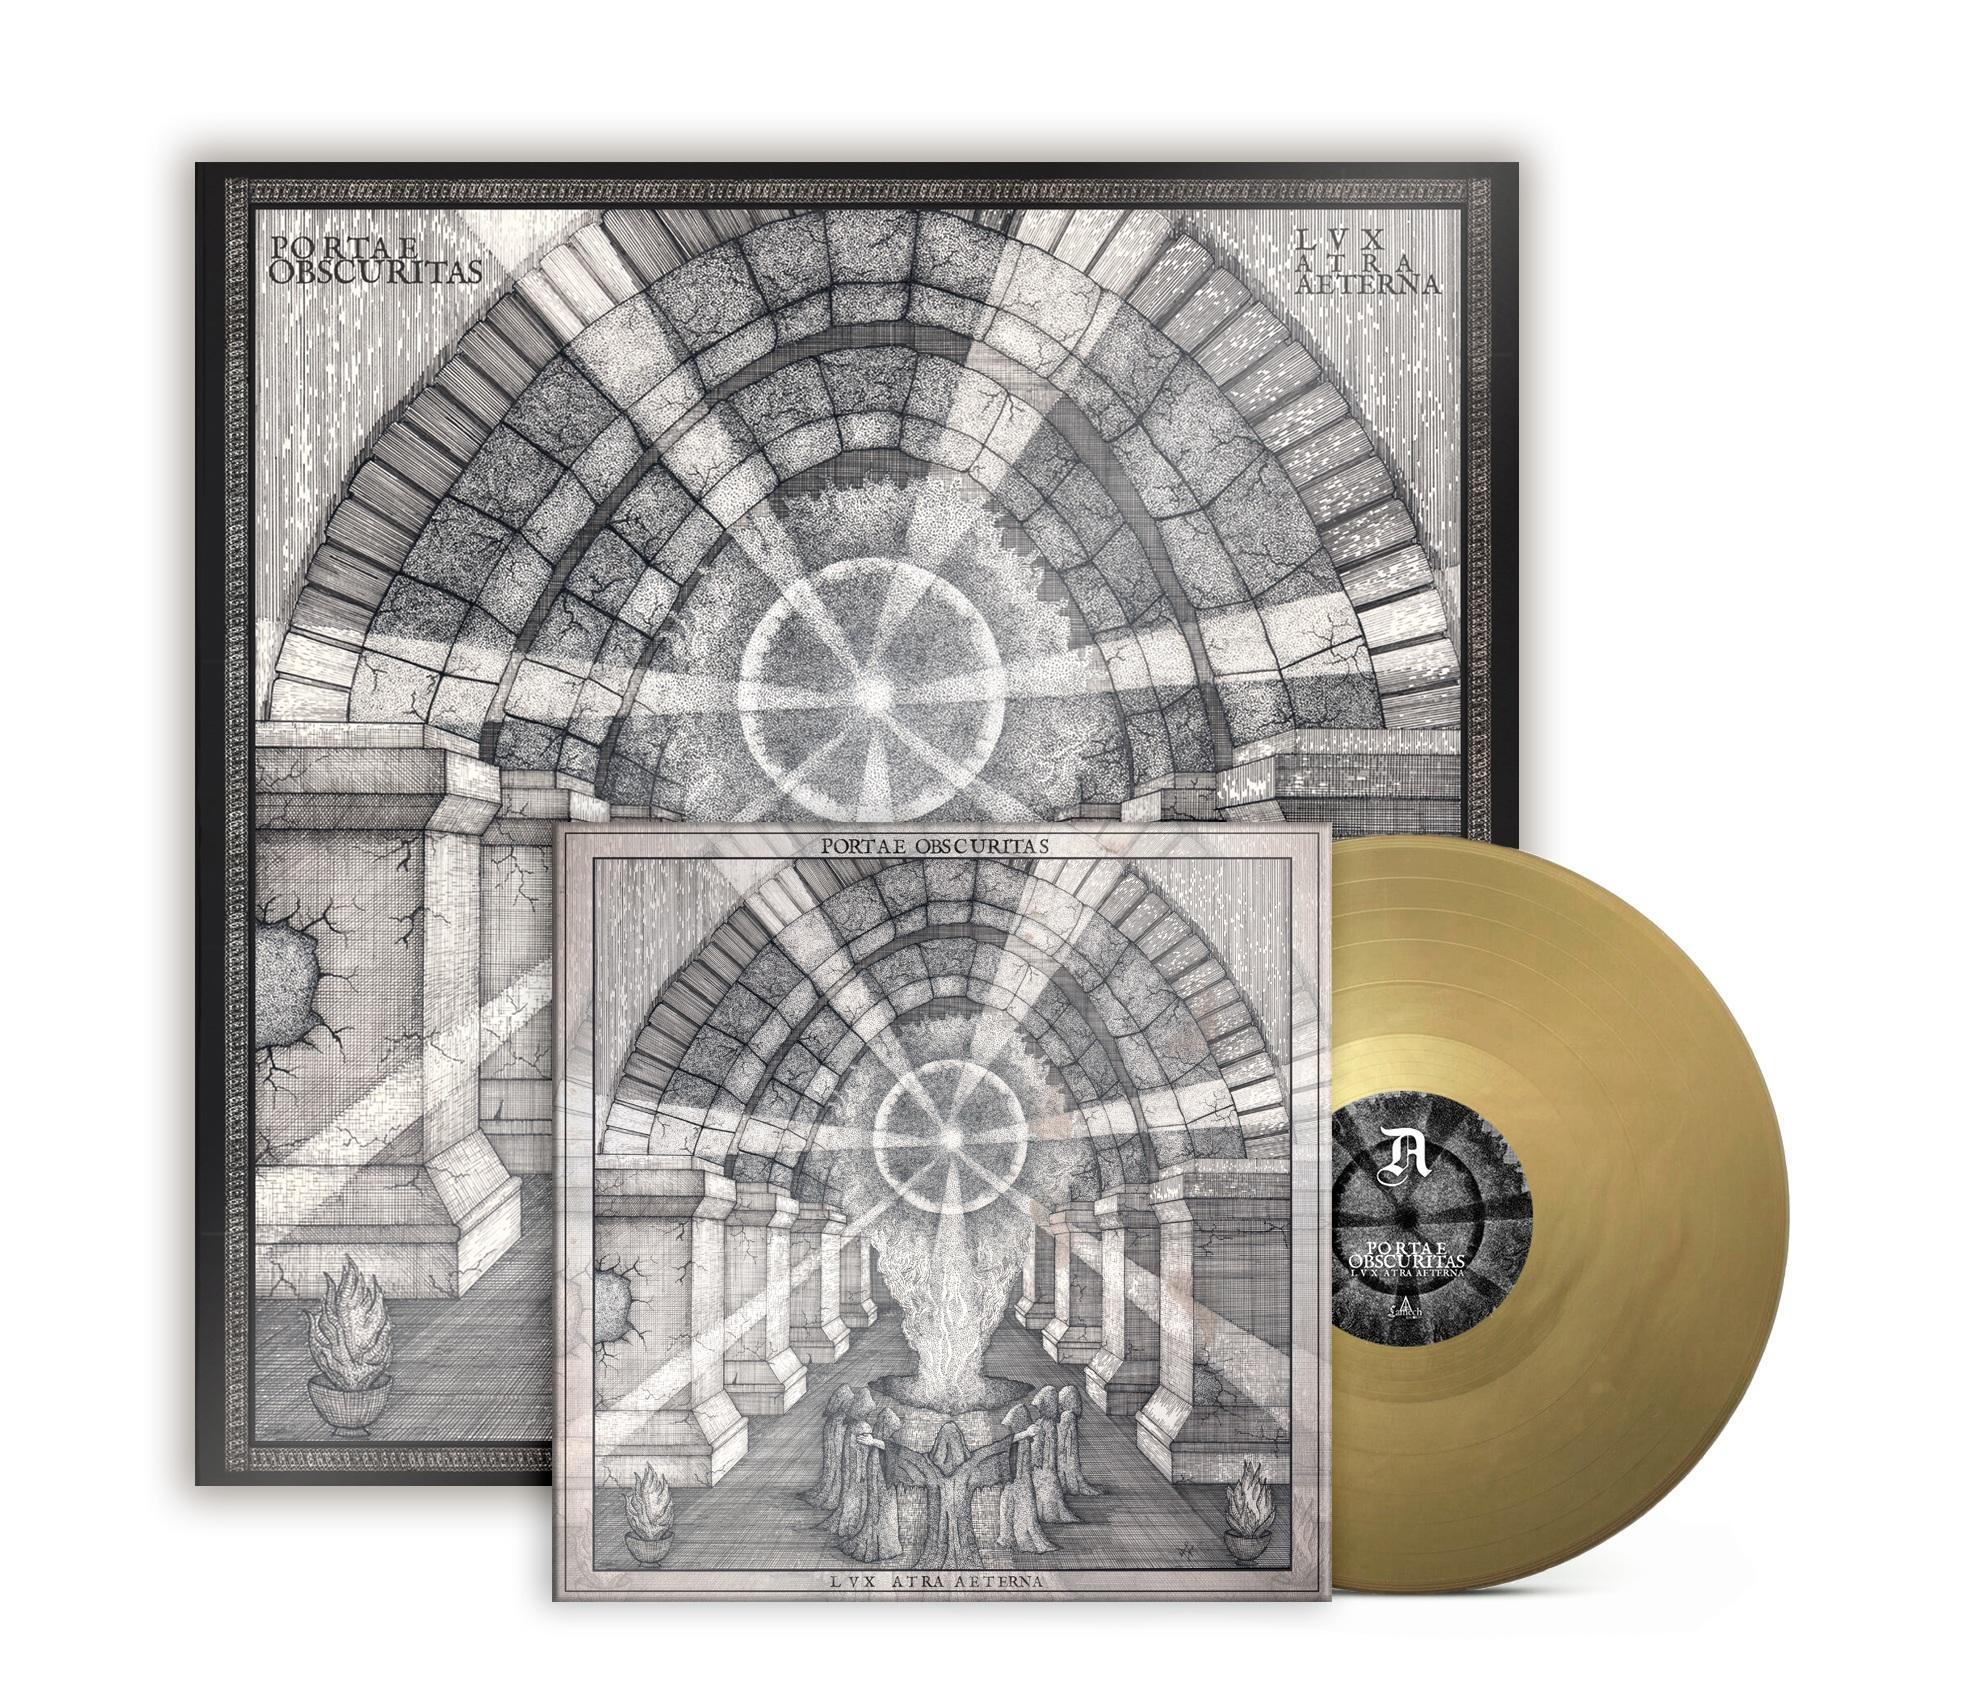 GOLD LP